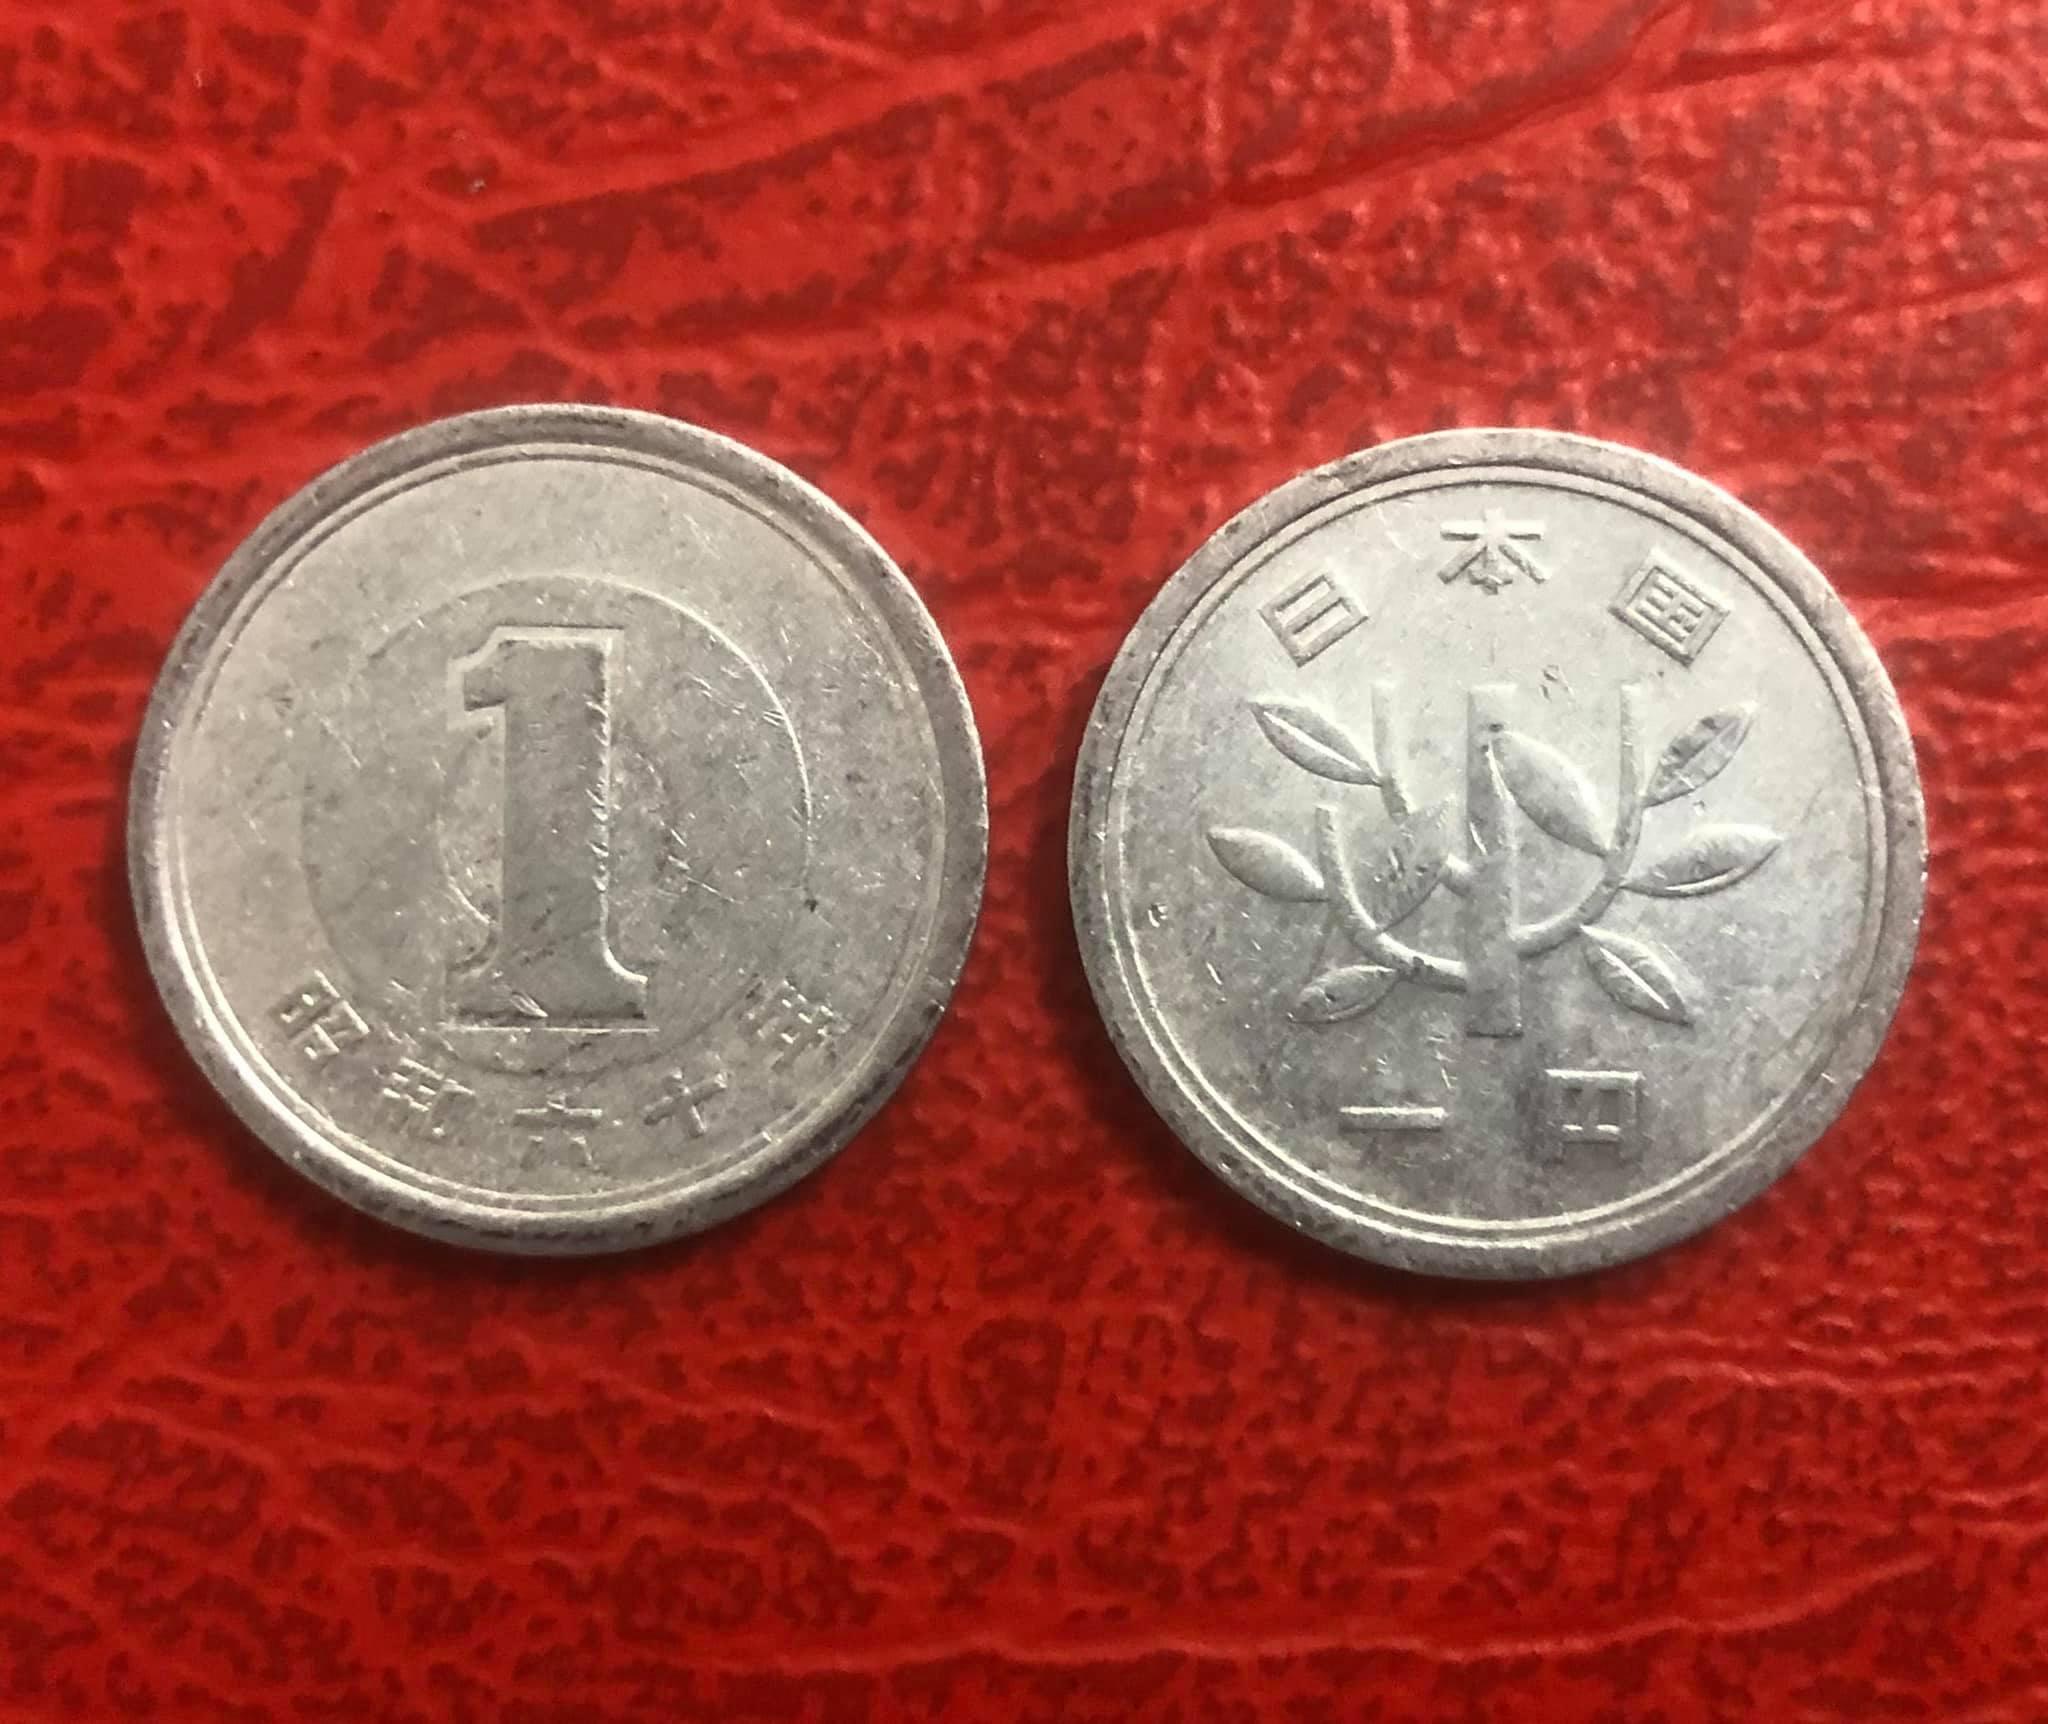 Đồng xu Nhật bản 1 yên Mới